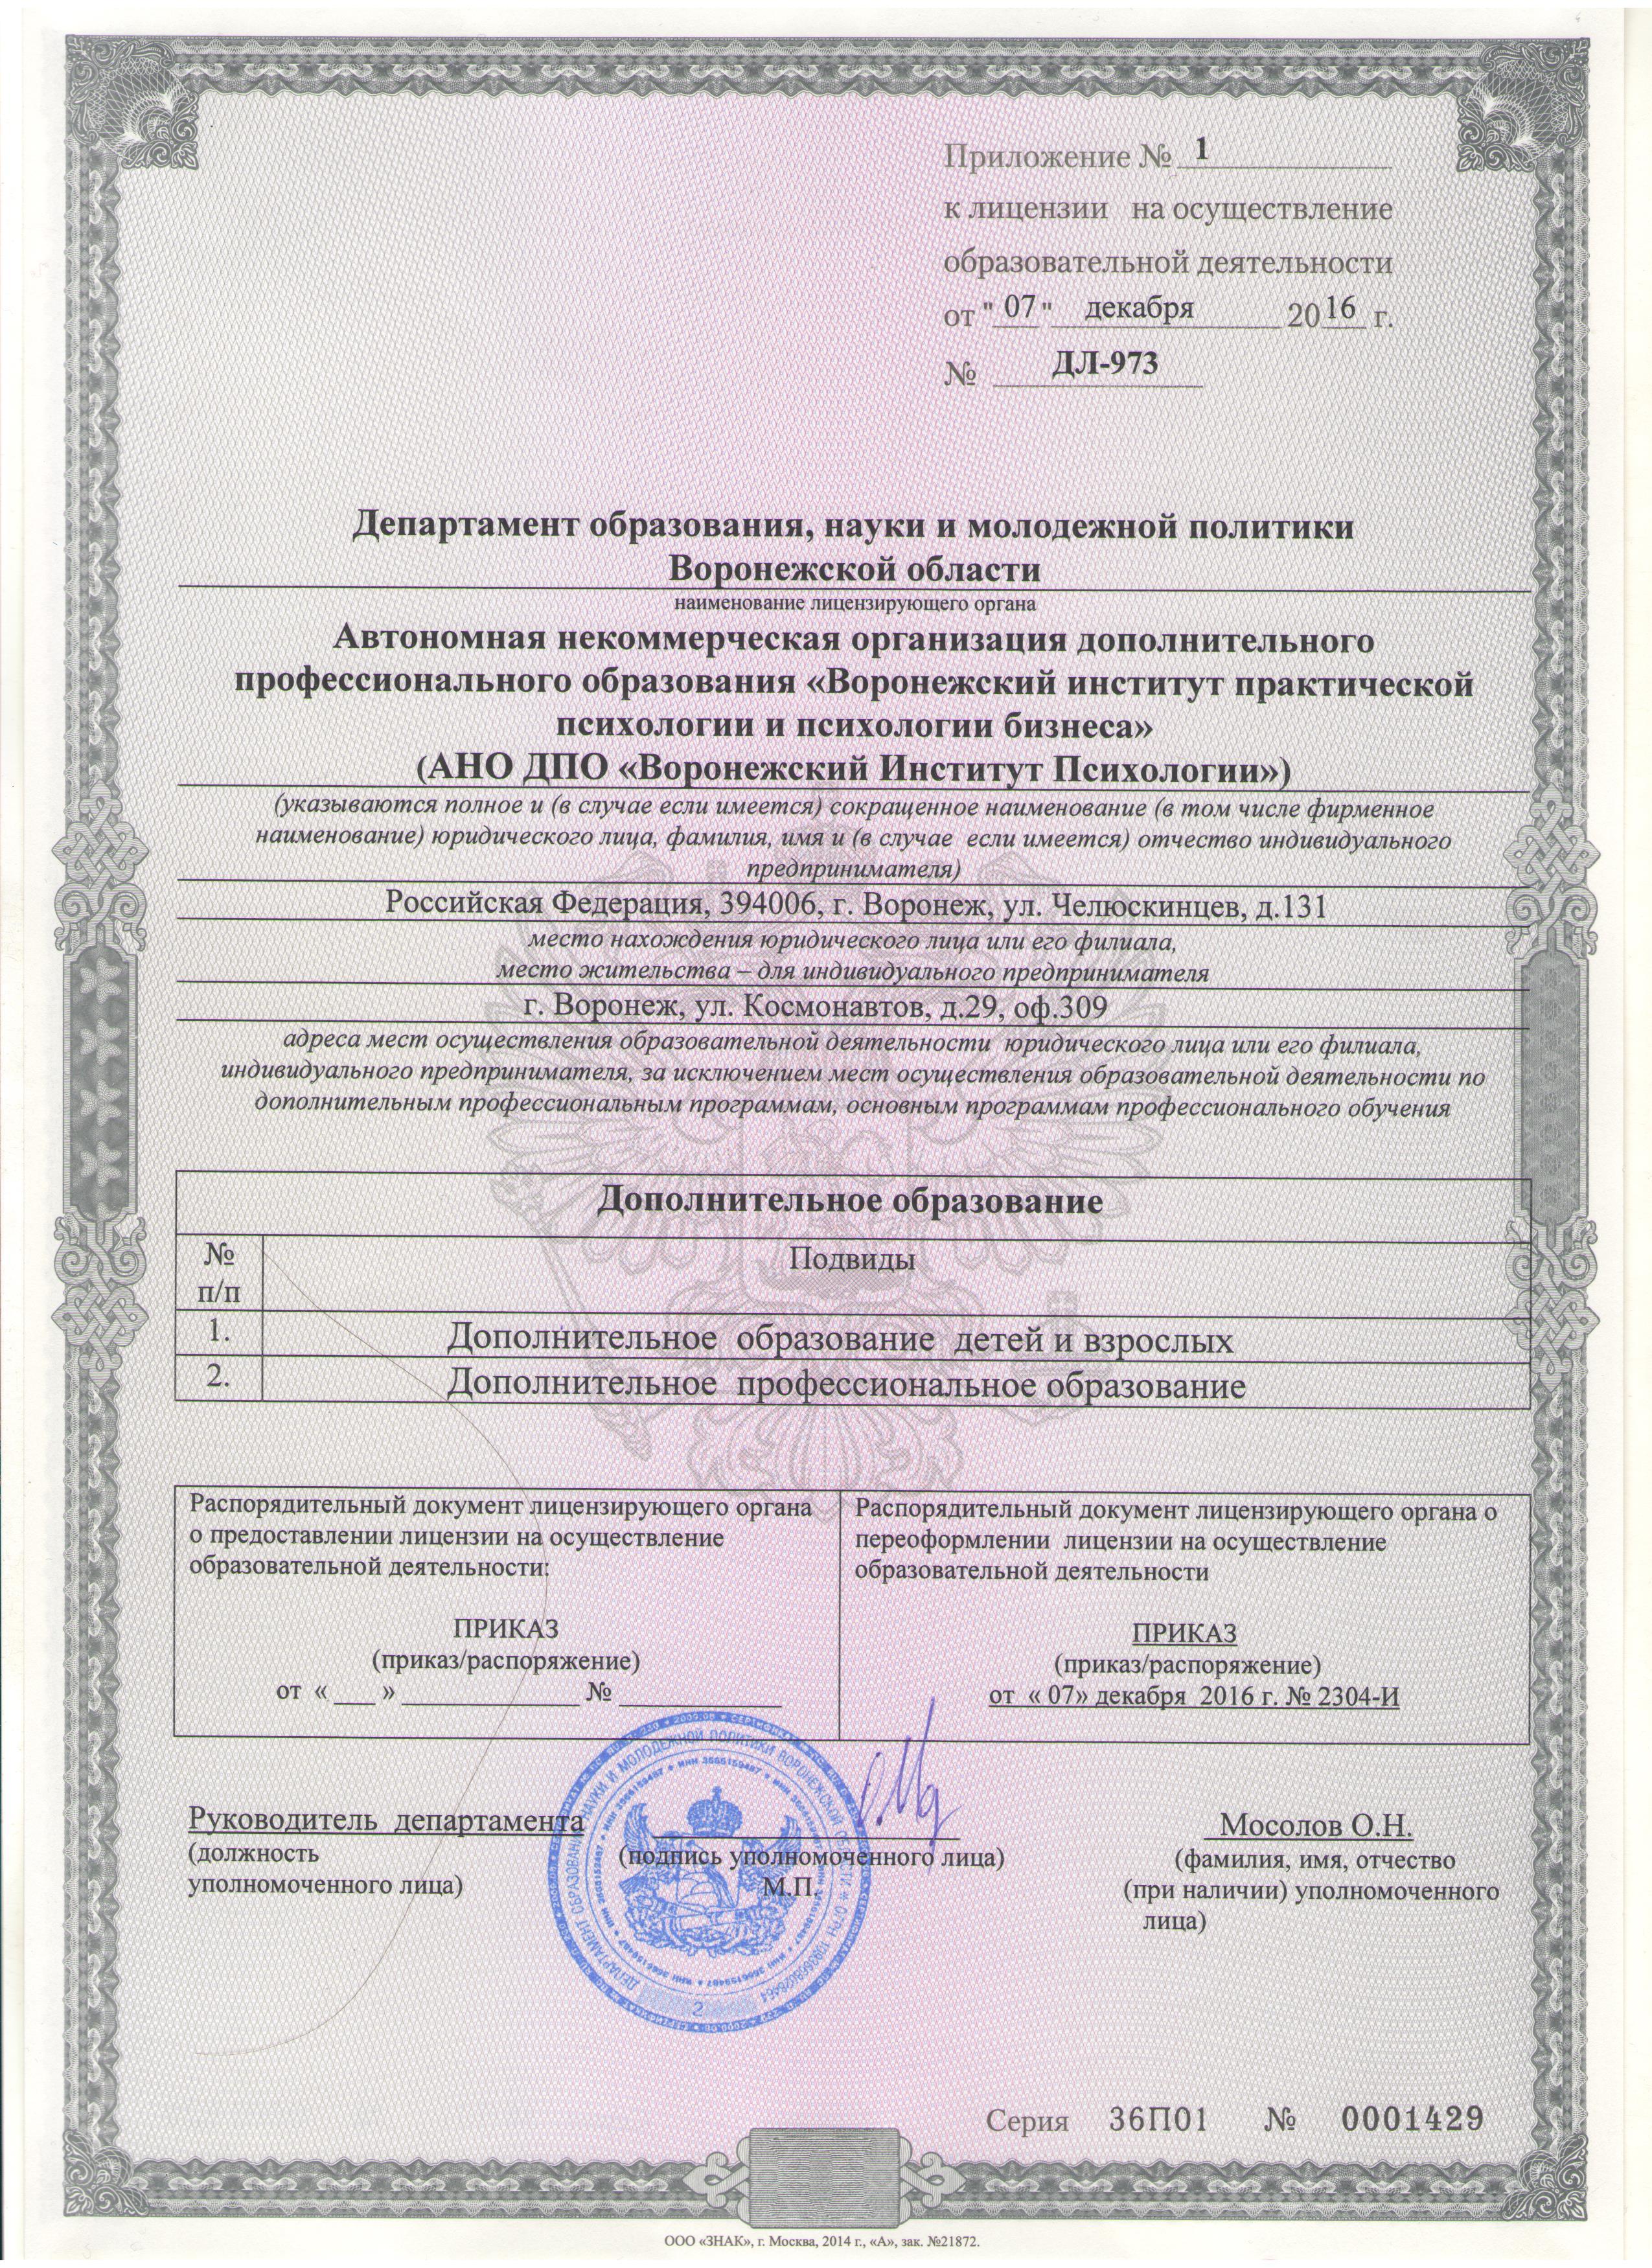 Лицензия. Воронежский Институт Психологии